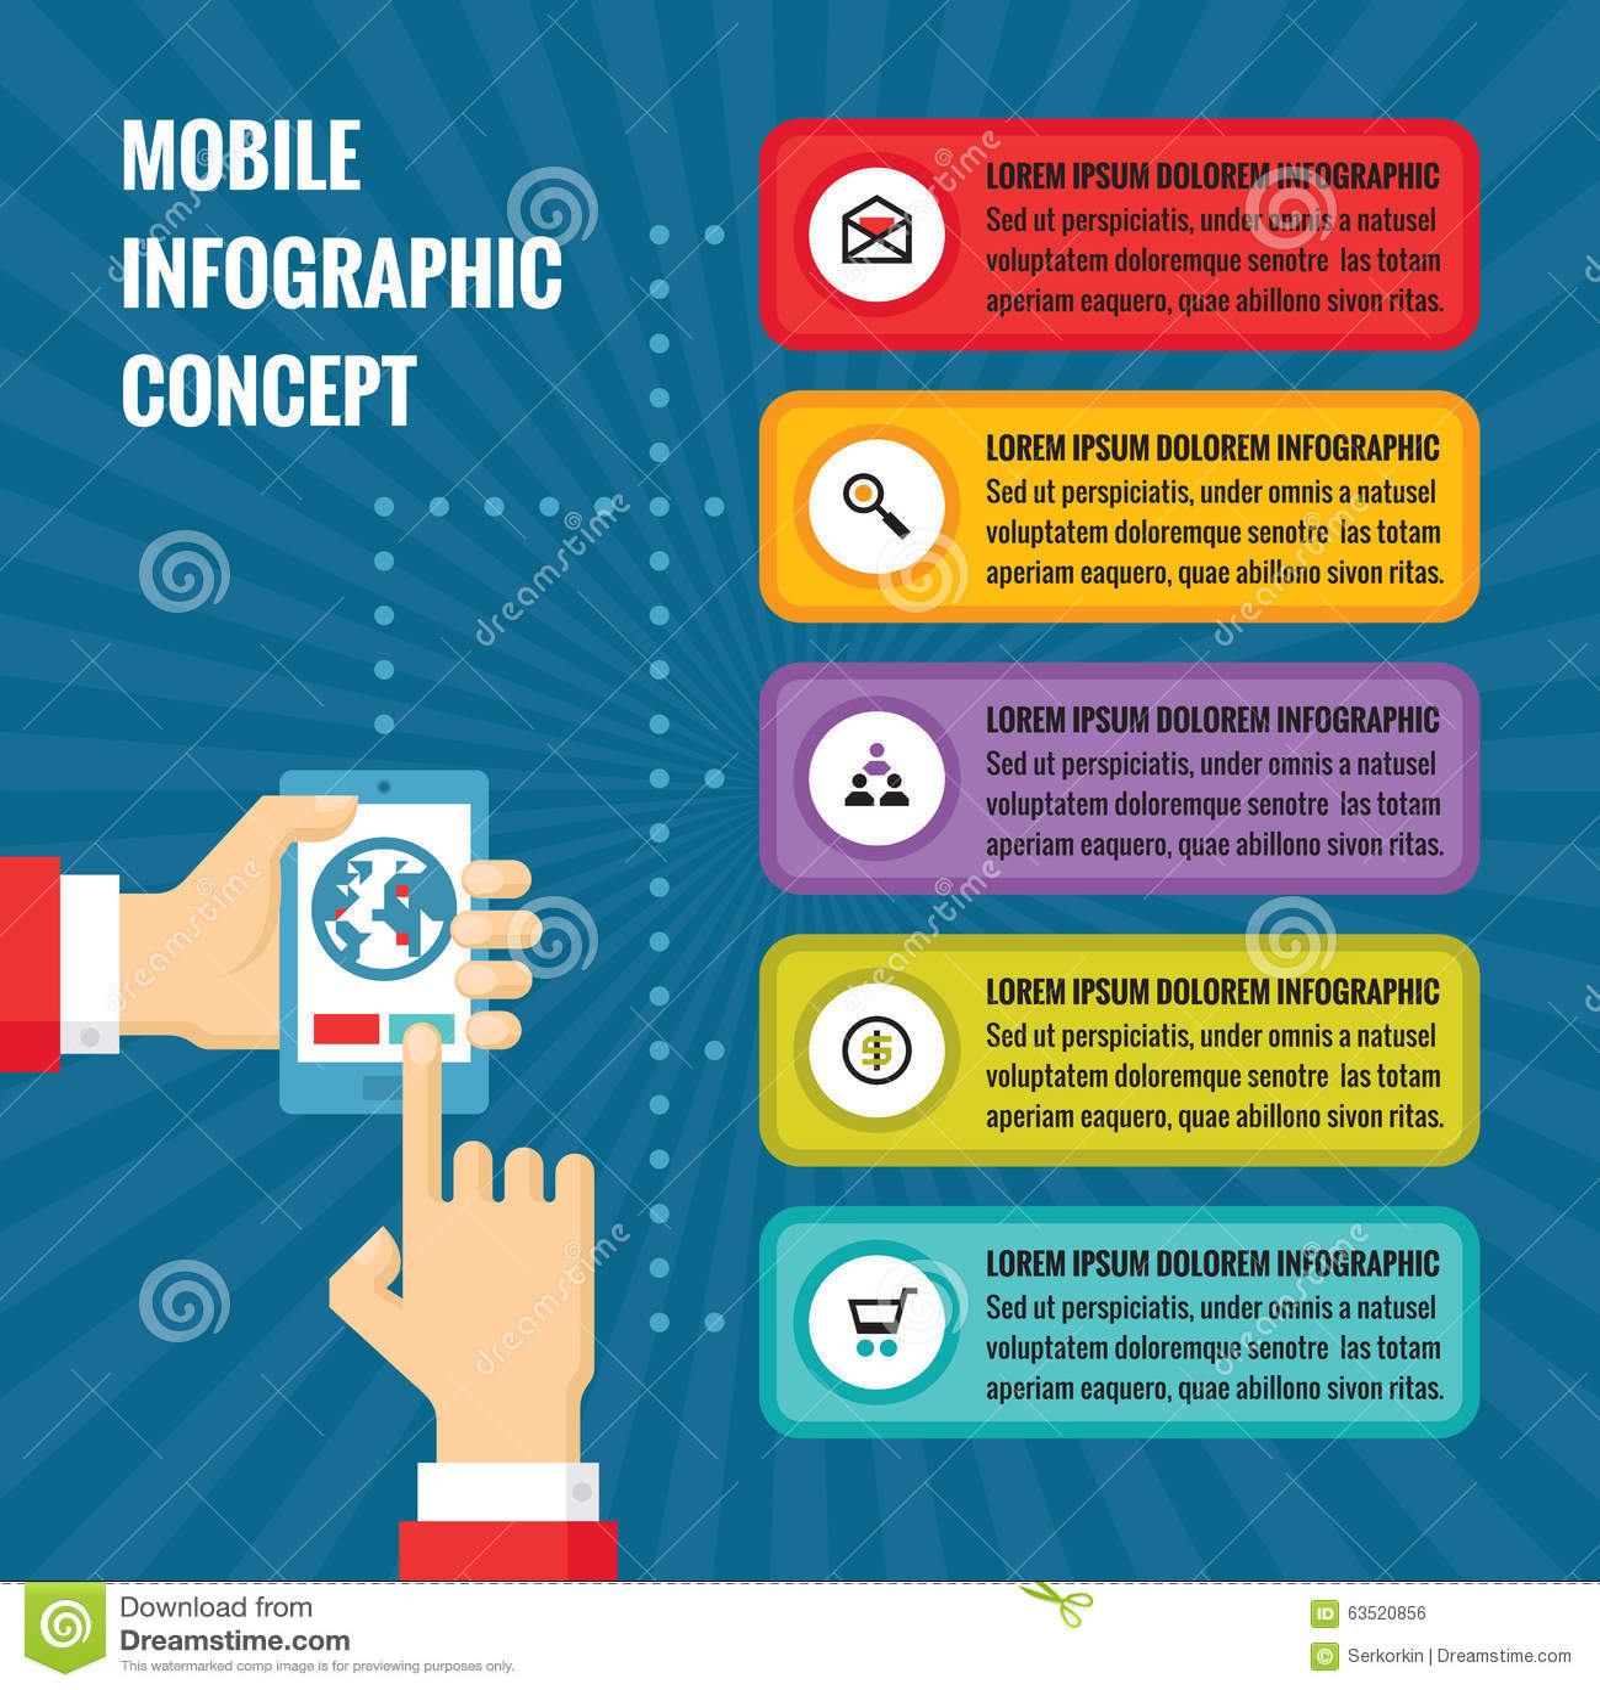 Mãos humanas com telefone celular com blocos do tela táctil e da aplicação - ilustração do conceito no estilo liso do projeto